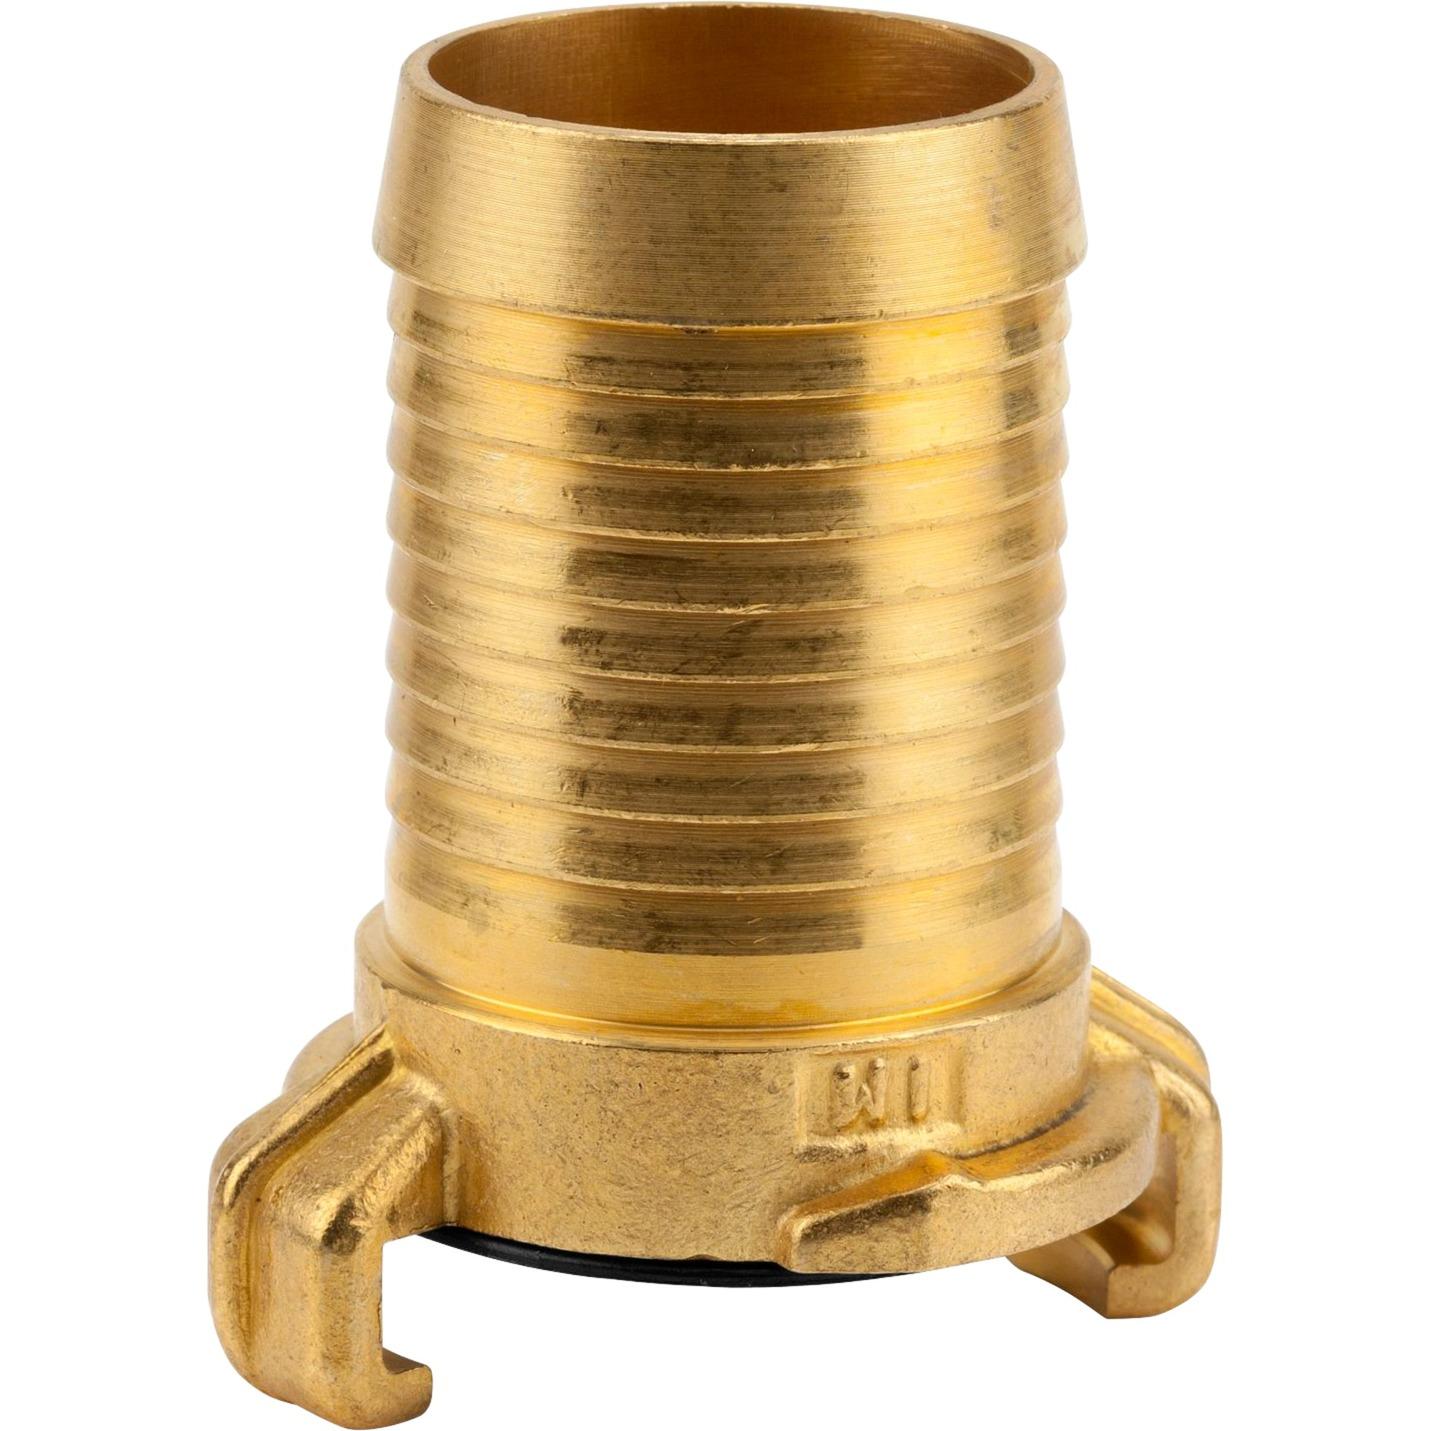 7104-20-slangestik-metal-guld-1pcs-vandslange-beslag-tekniske-ventiler